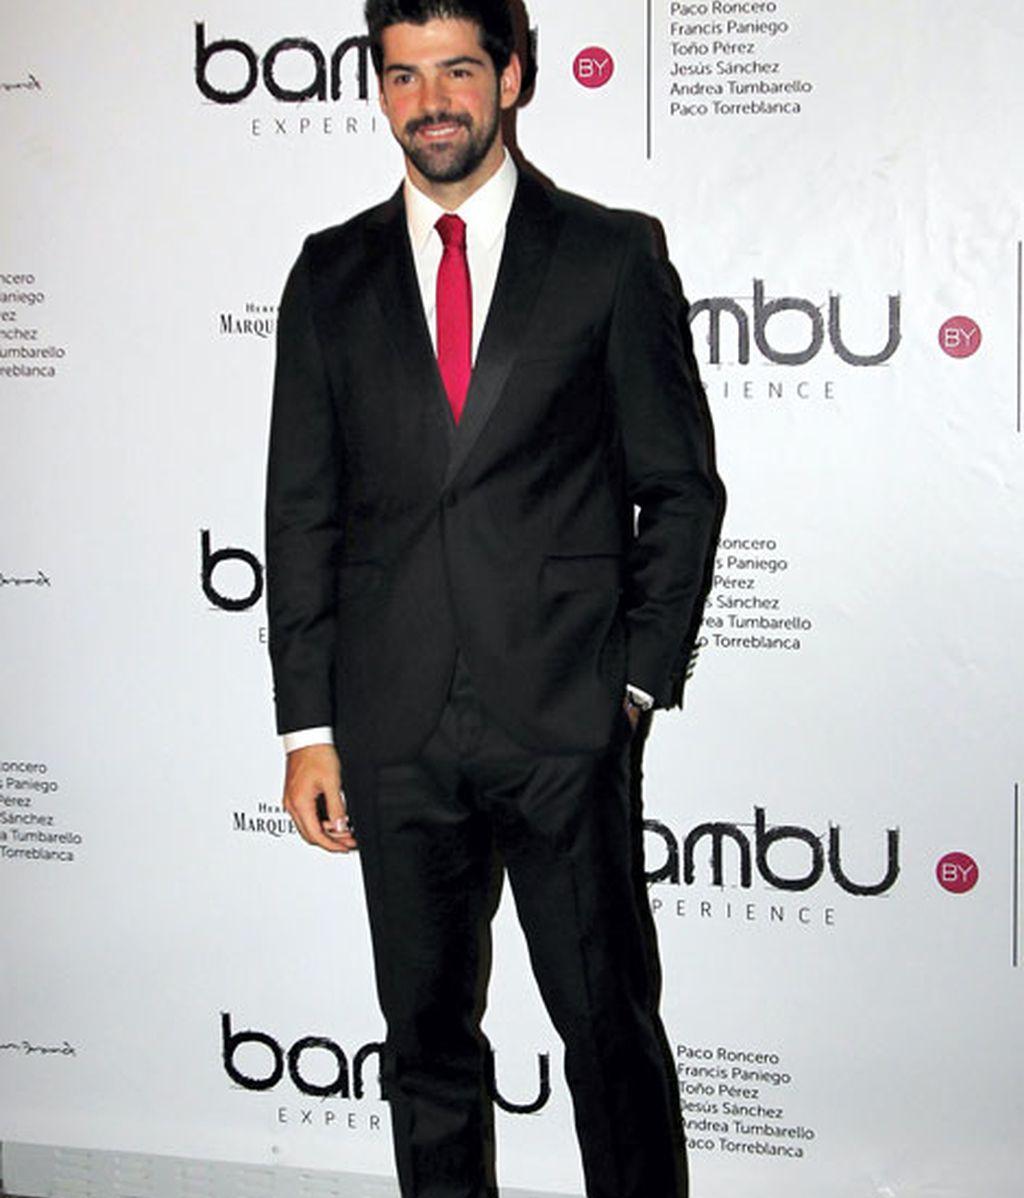 El look de Miguel Ángel Muñoz destacaba por su colorida corbata